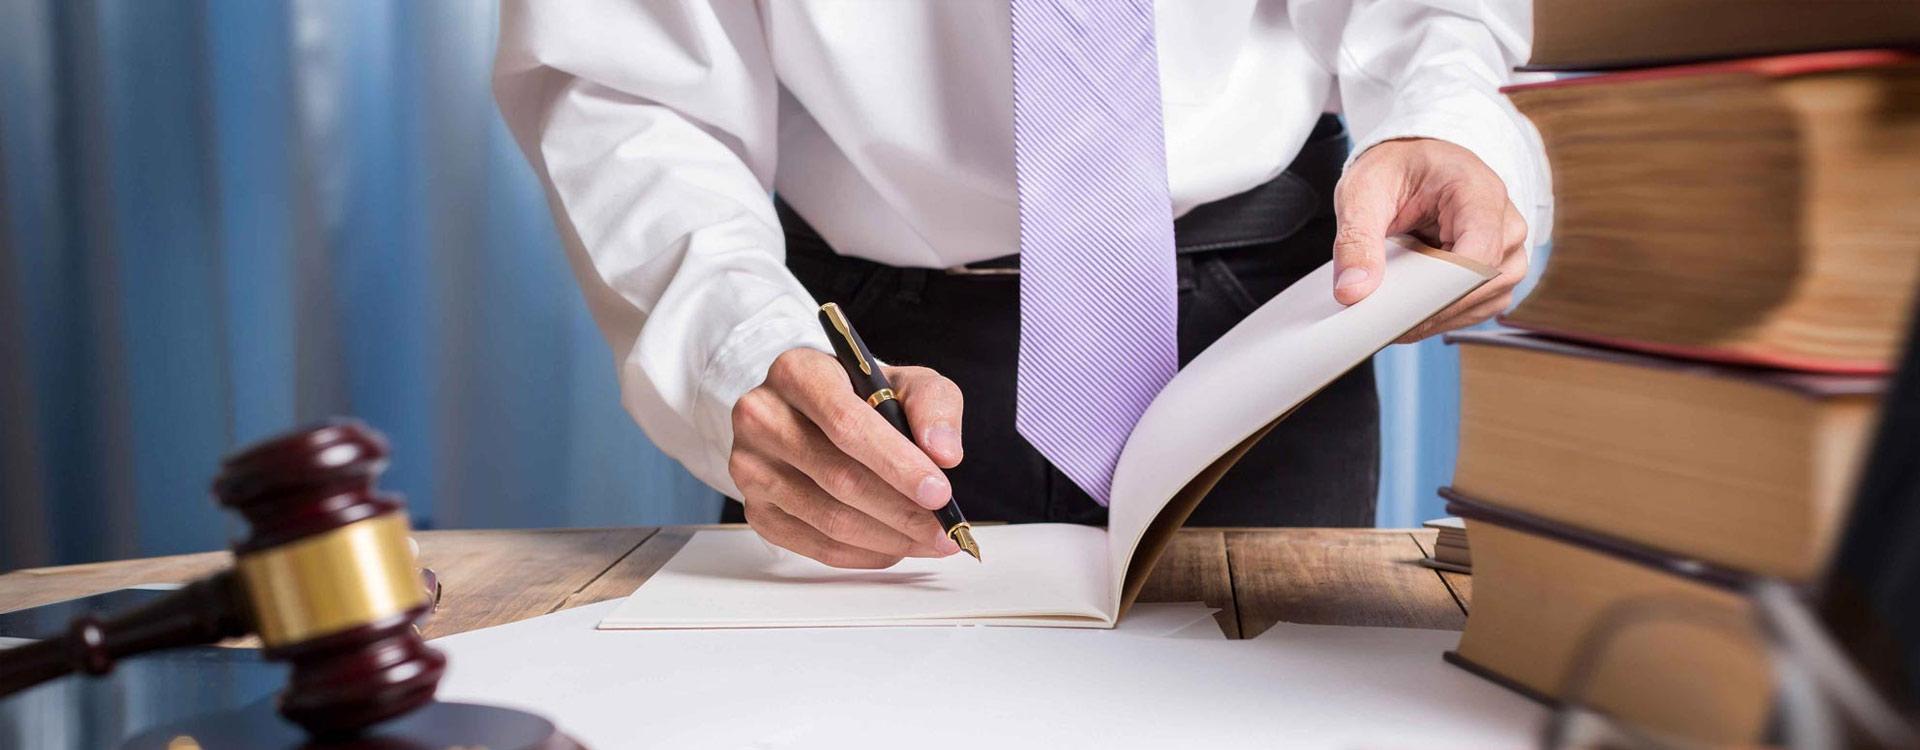 Νέα προθεσμία αιτήσεων για 2.400 υποψήφιους ασκούμενους δικηγόρους